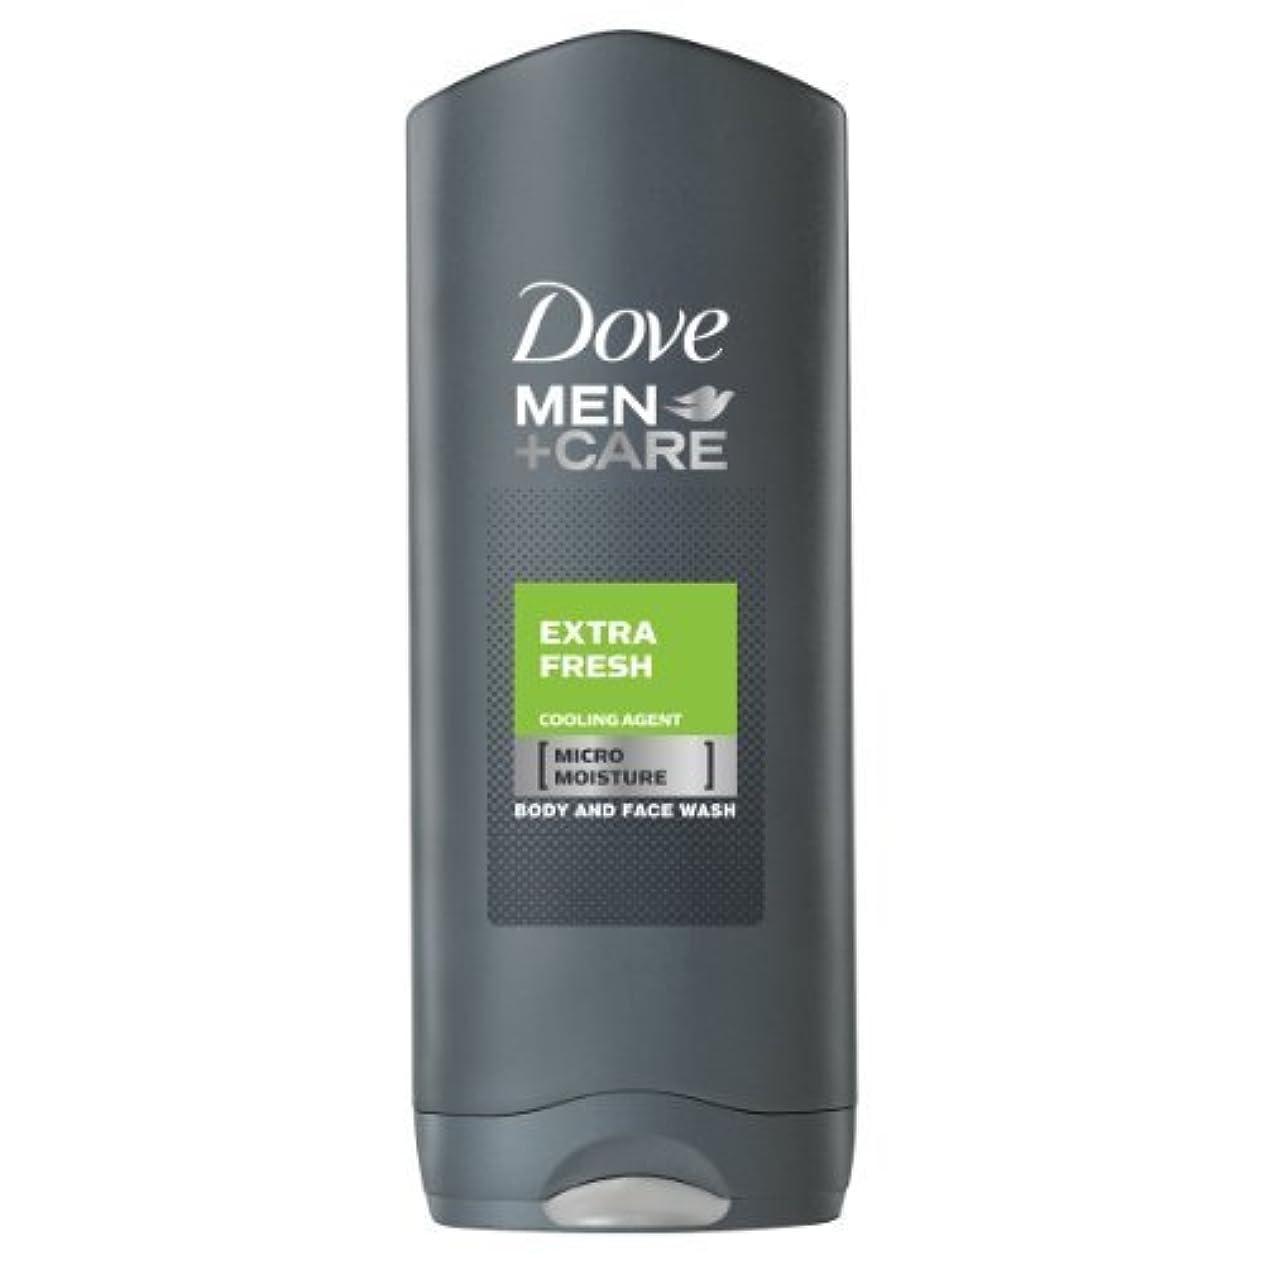 刃アライアンス悲観主義者Dove for Men Extra Fresh Body and Face Wash 250 ml by Dove [並行輸入品]